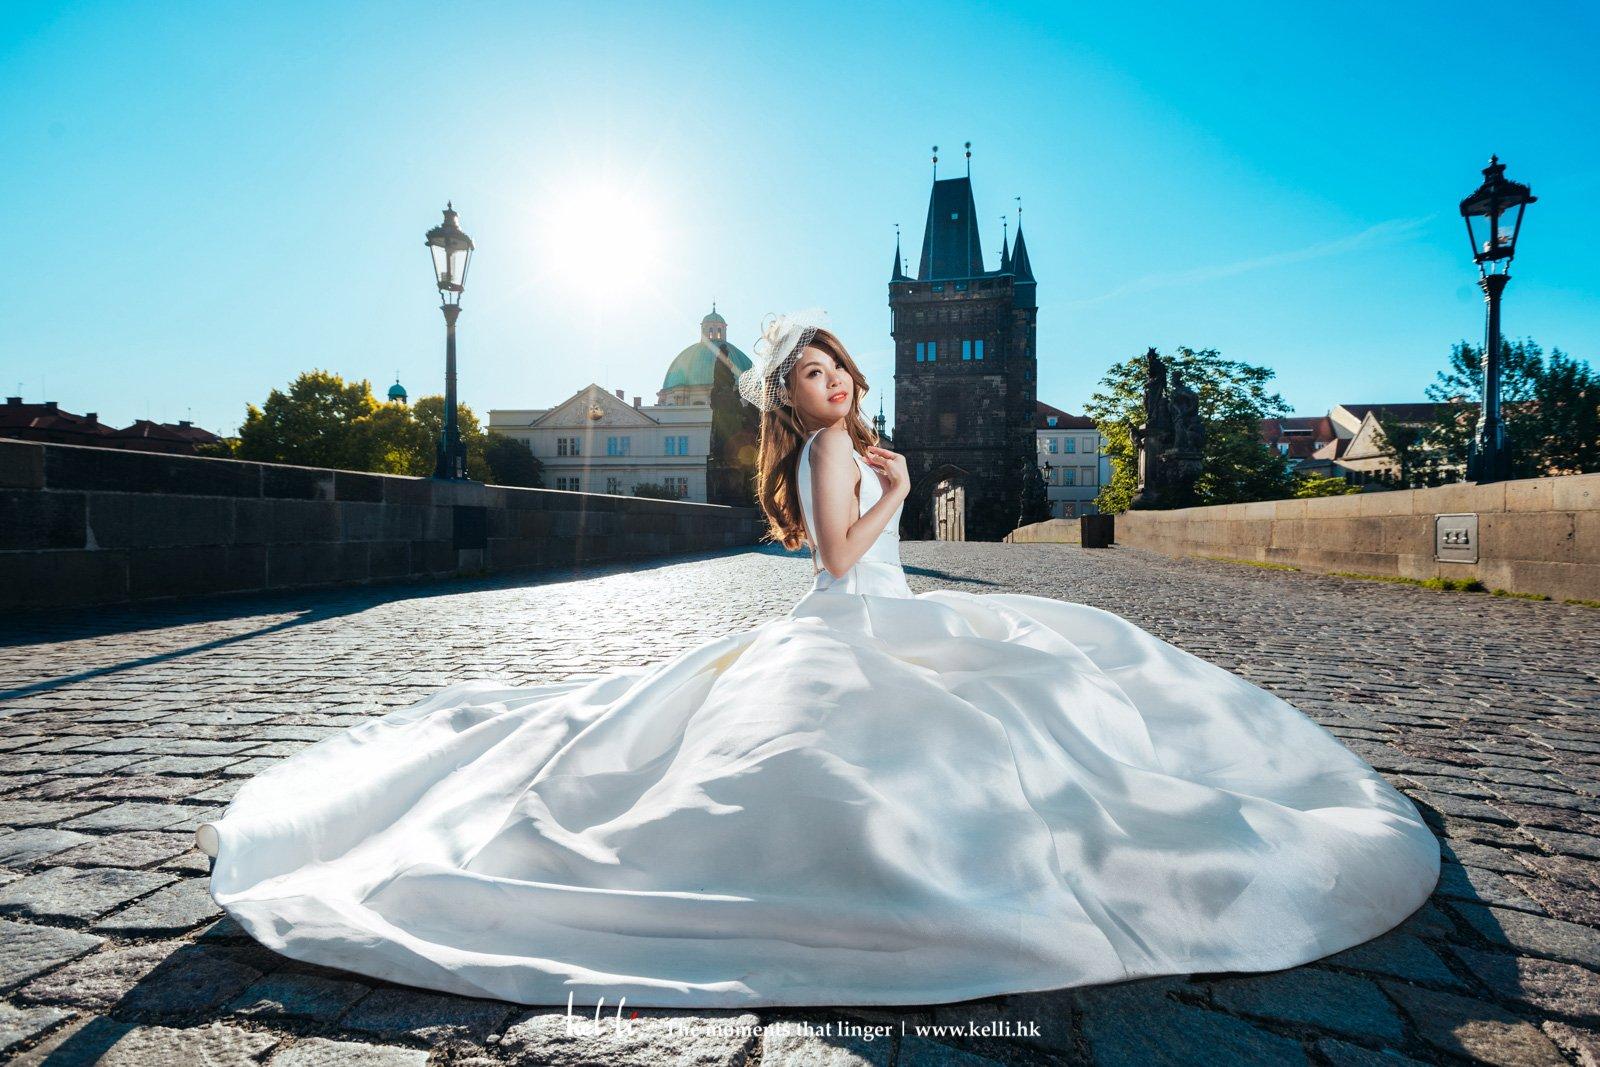 這也是新娘子最喜愛的其中一張婚紗相